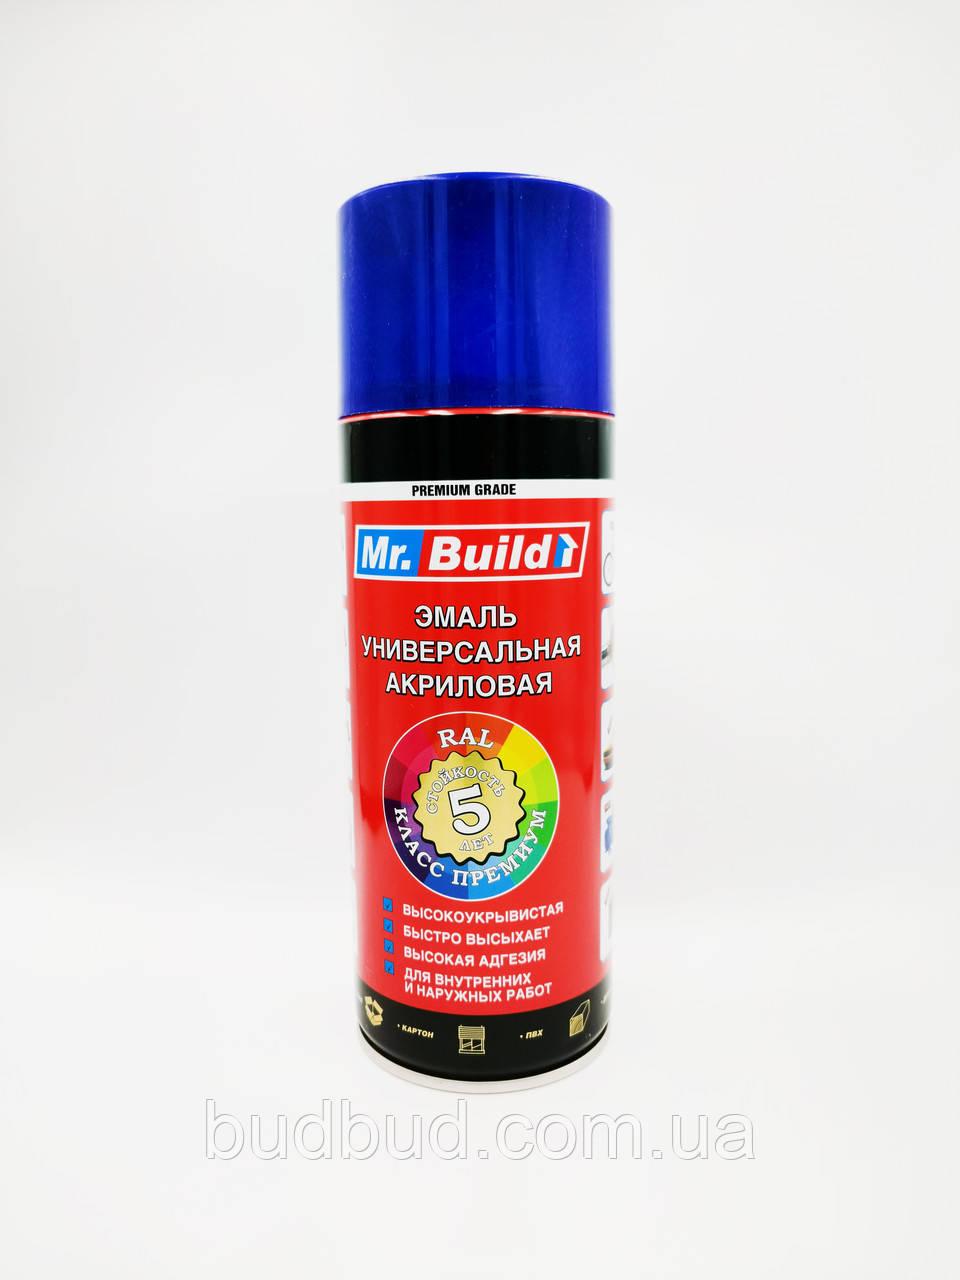 Спрей краска Mr.Build №44/1 синий Ral 5002 400 мл